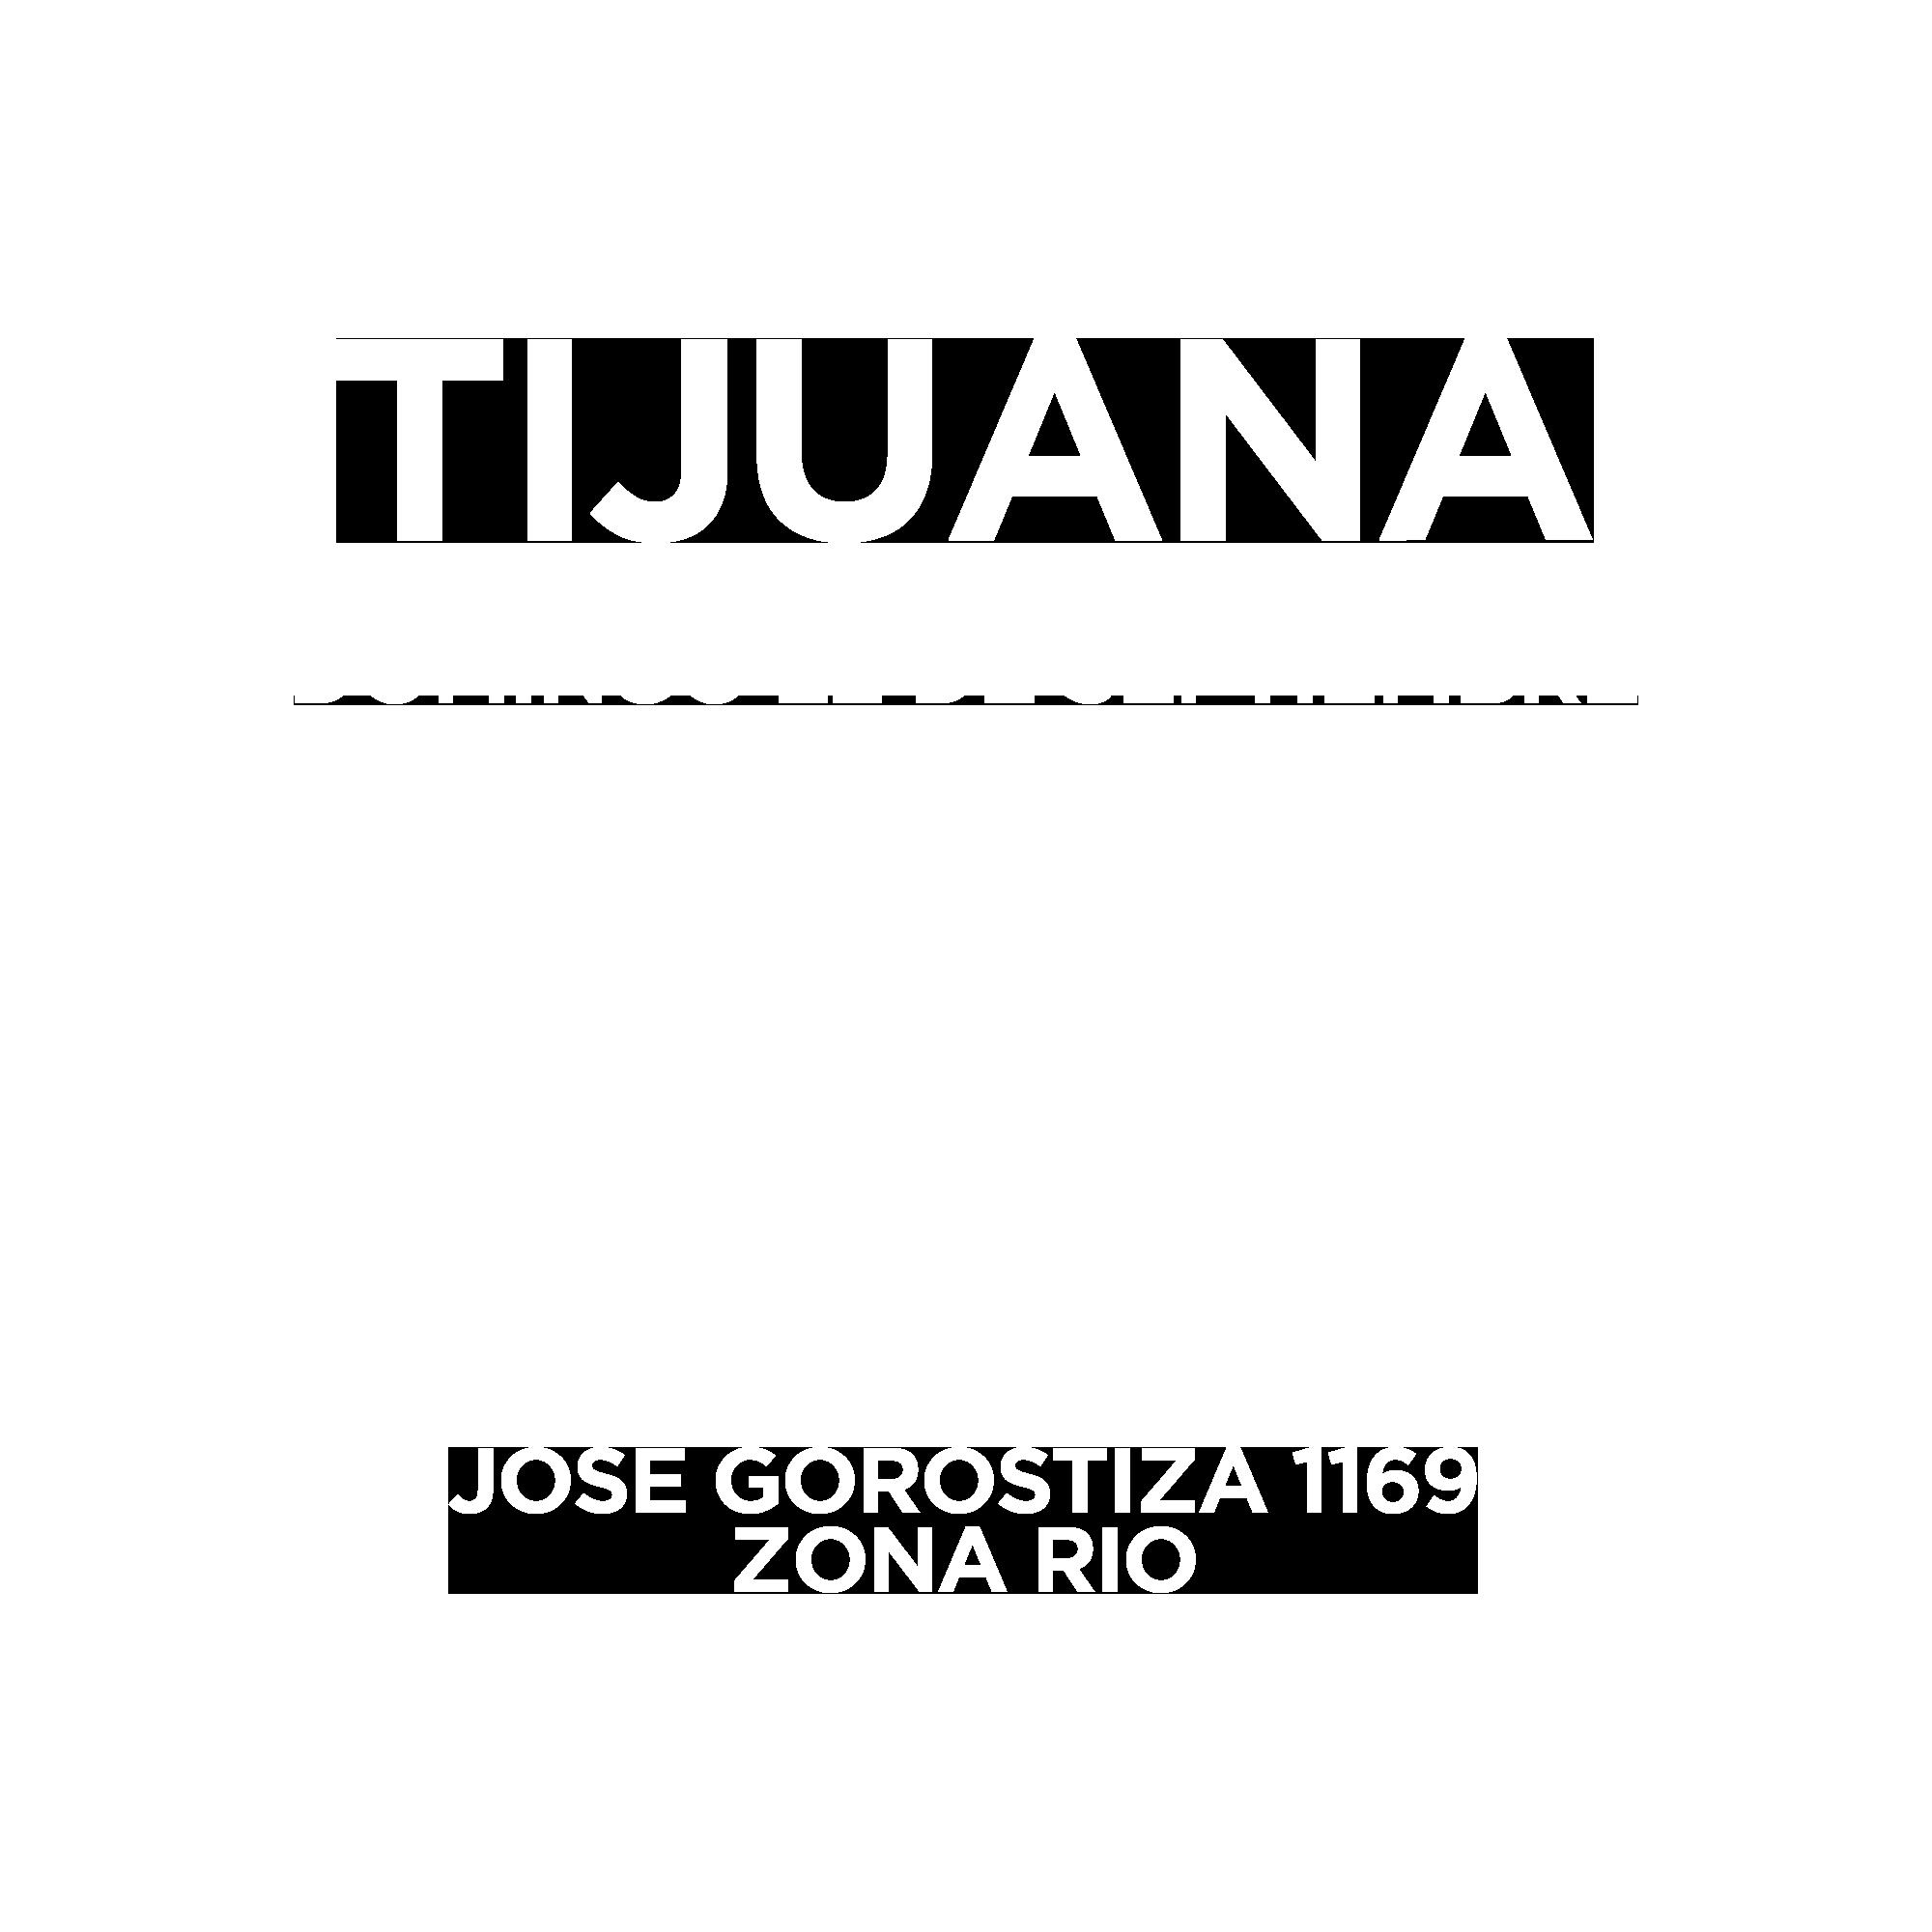 tijuana.png